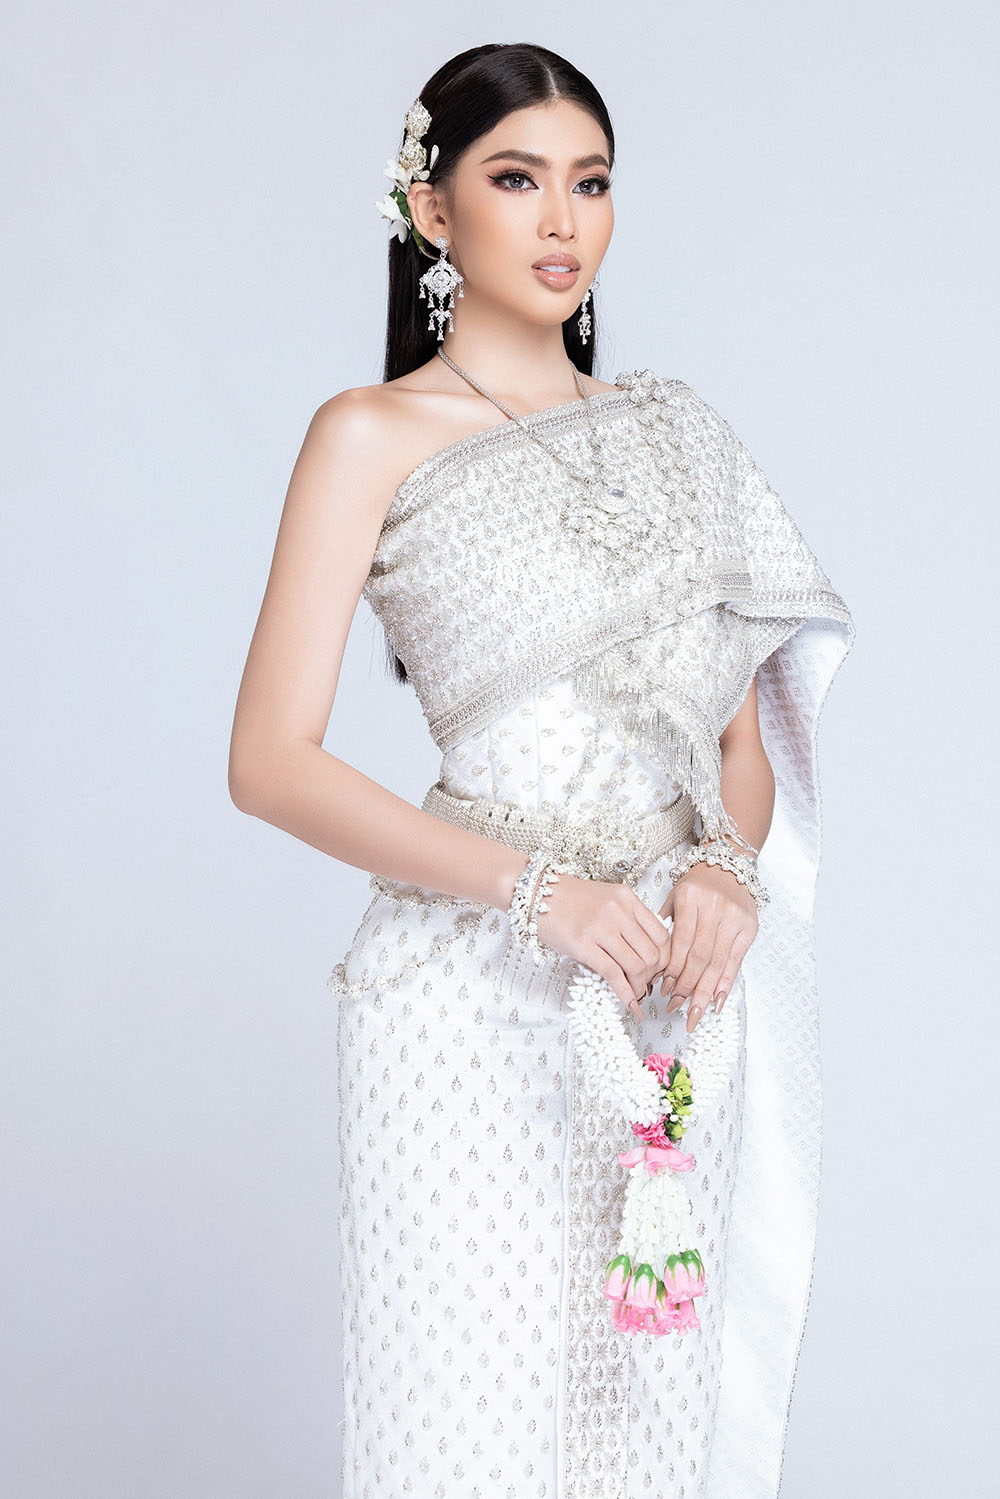 Sau khi bị hack instagram, Ngọc Thảo tung bộ ảnh đẹp 'đỉnh cao' khi mặc quốc phục Thái Lan ảnh 7